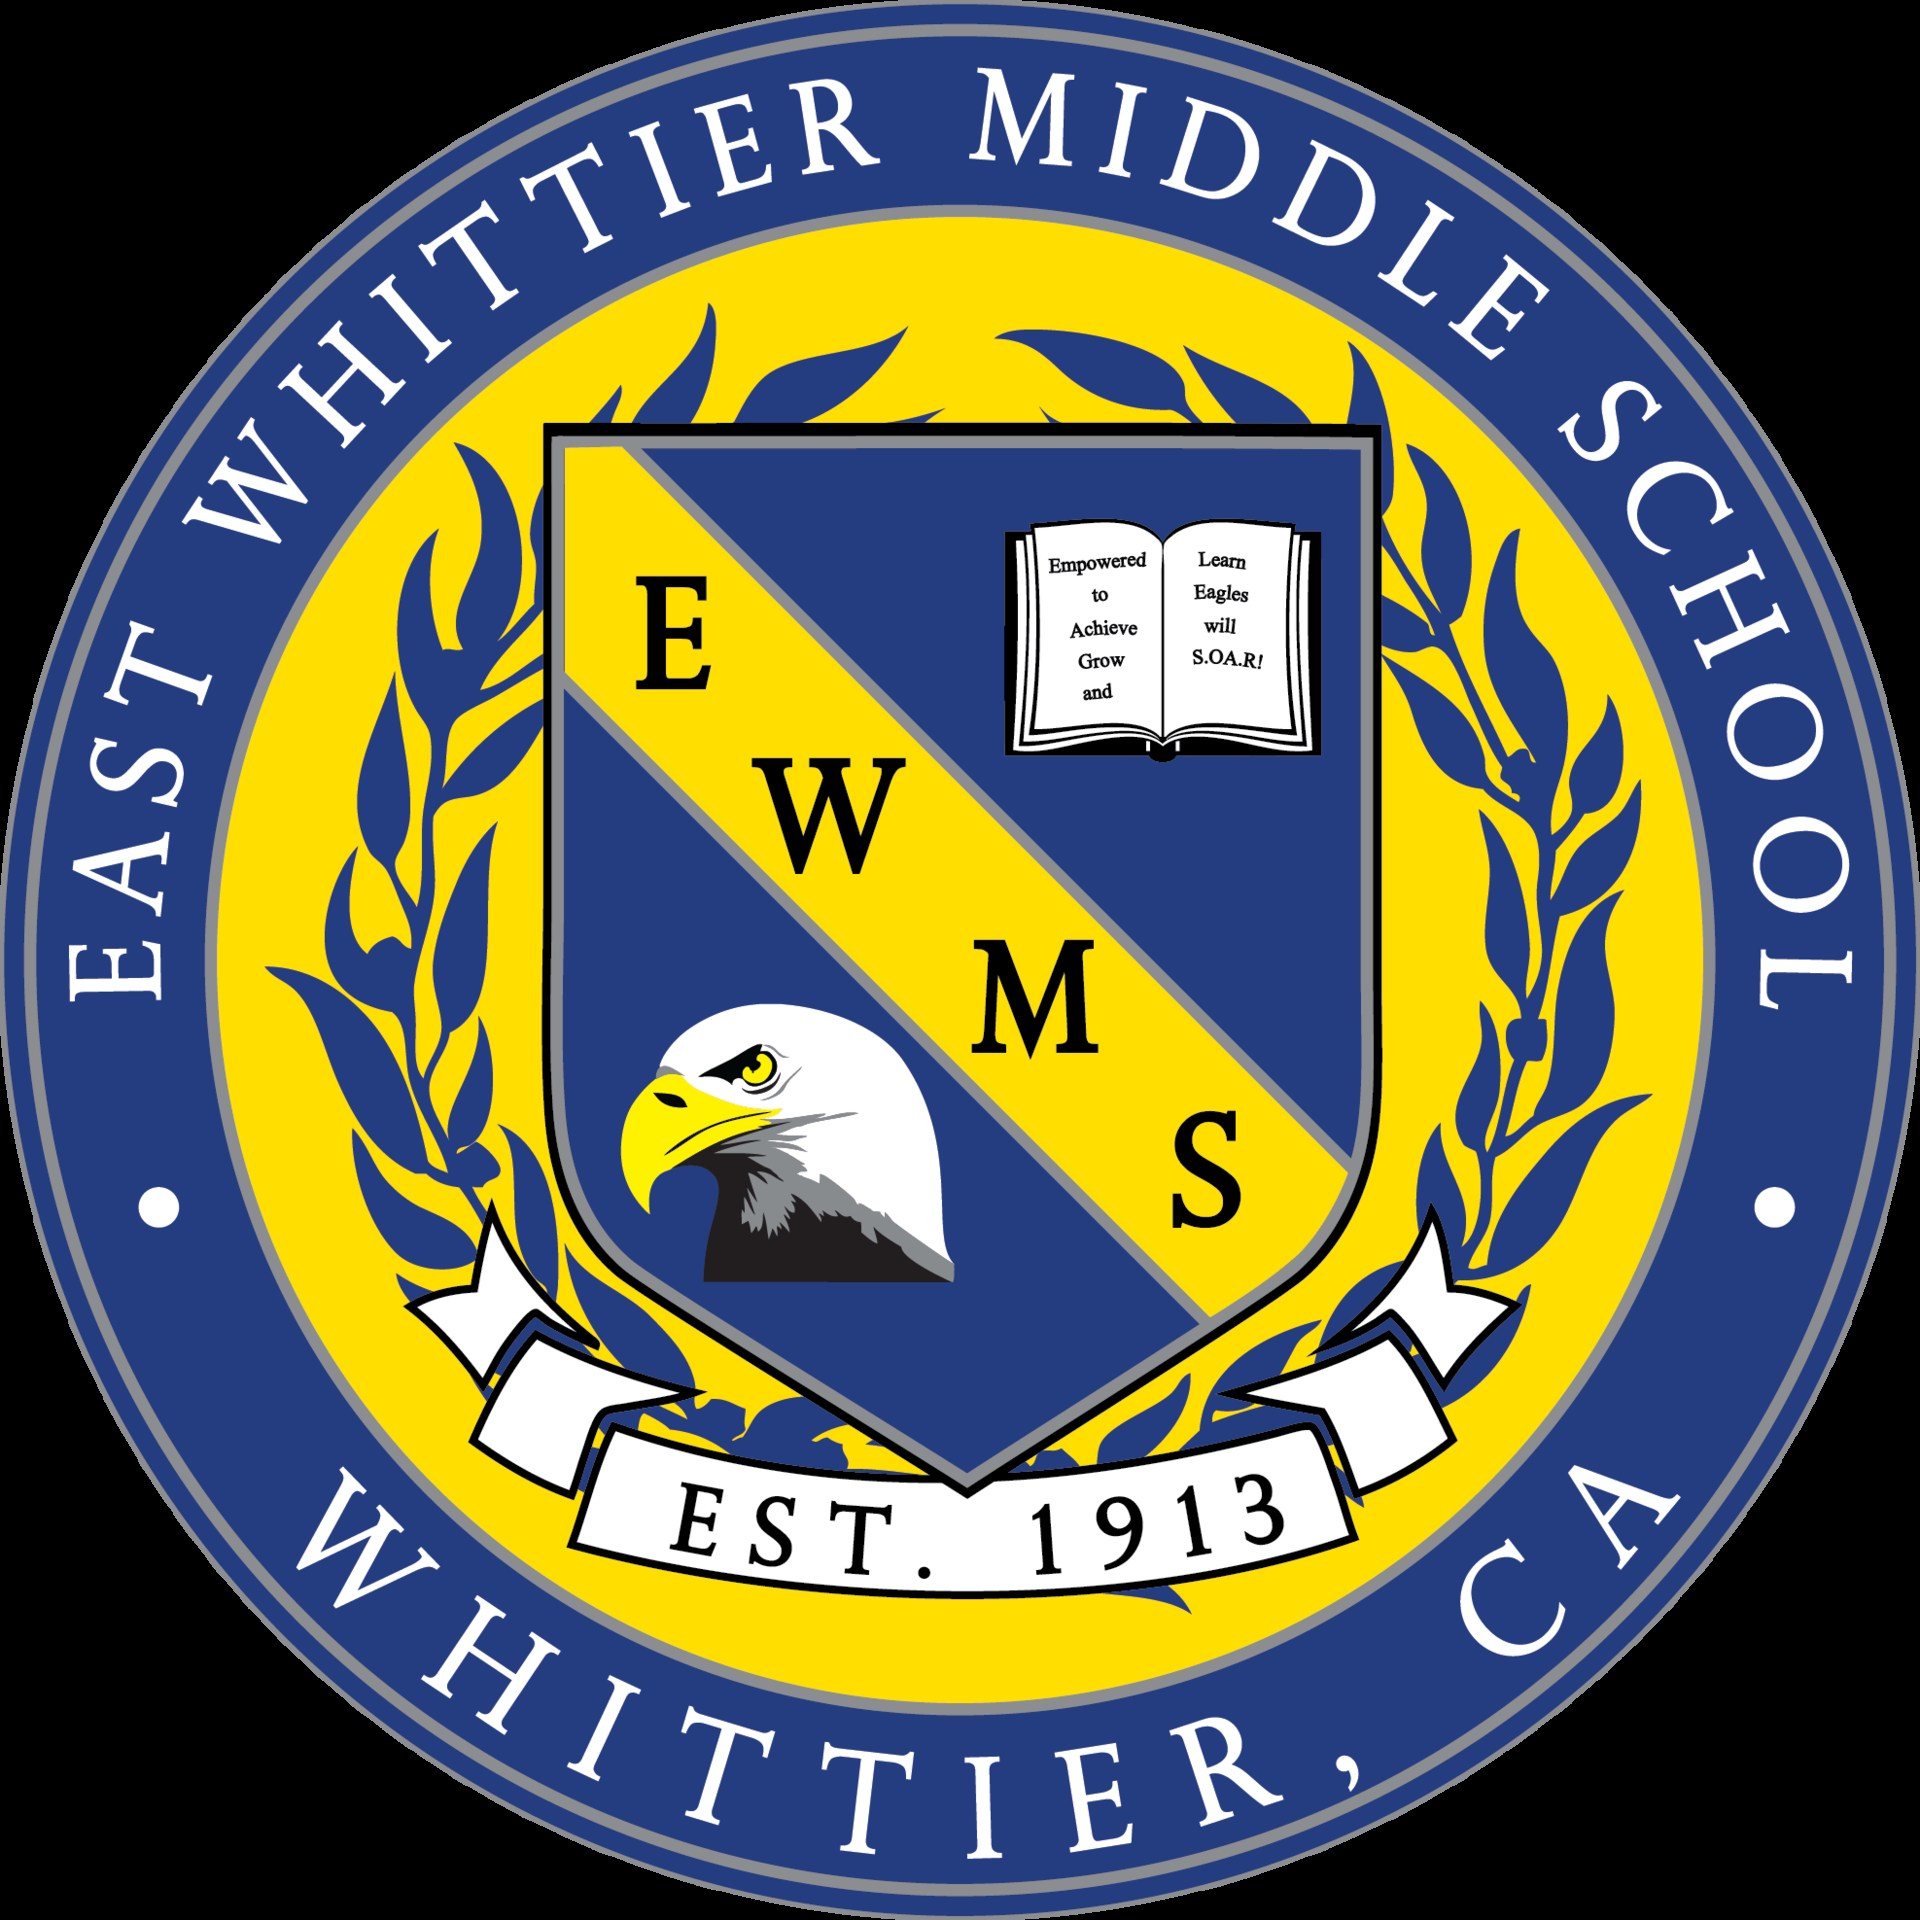 East Whittier